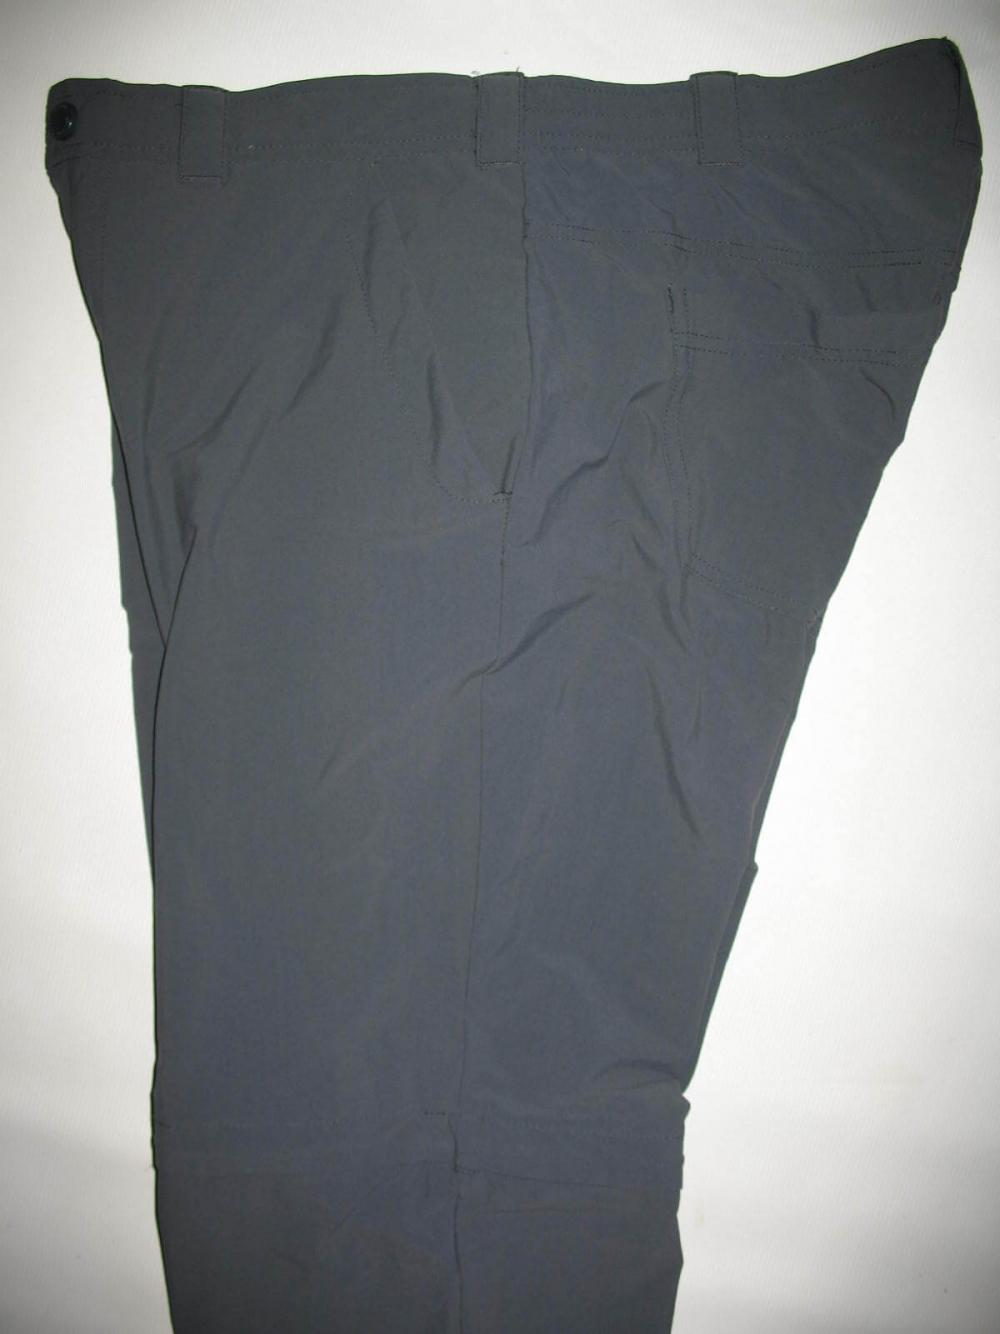 Штаны SCHOFFEL outdoor 2in1 pants (размер 50-L) - 3